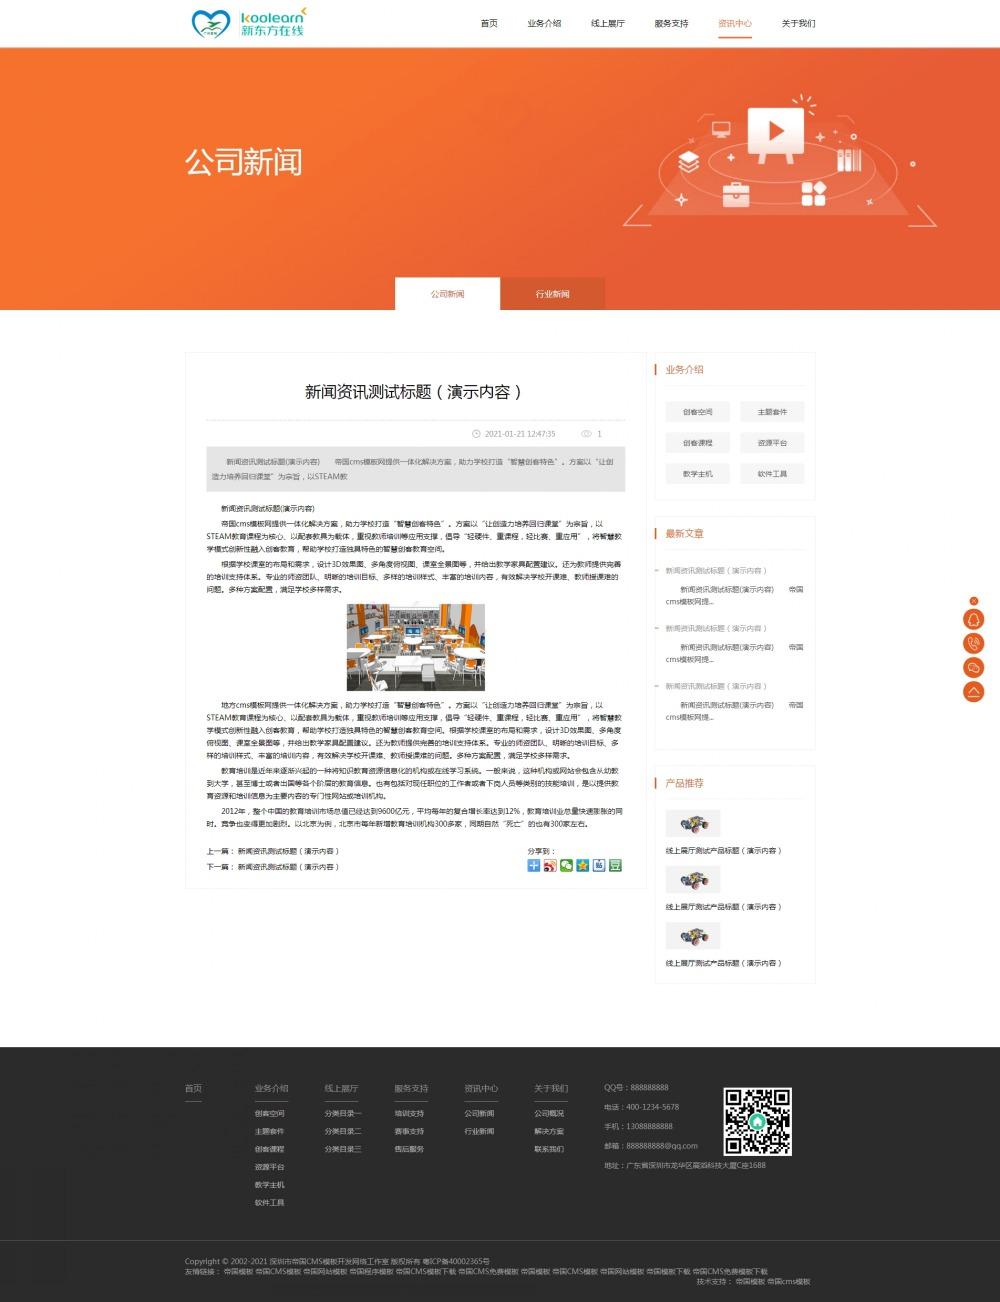 8新闻详情页.jpg [DG-0178]响应式远程线上教育机构帝国cms模板,HTML5教育培训机构网站源码下载 企业模板 第9张